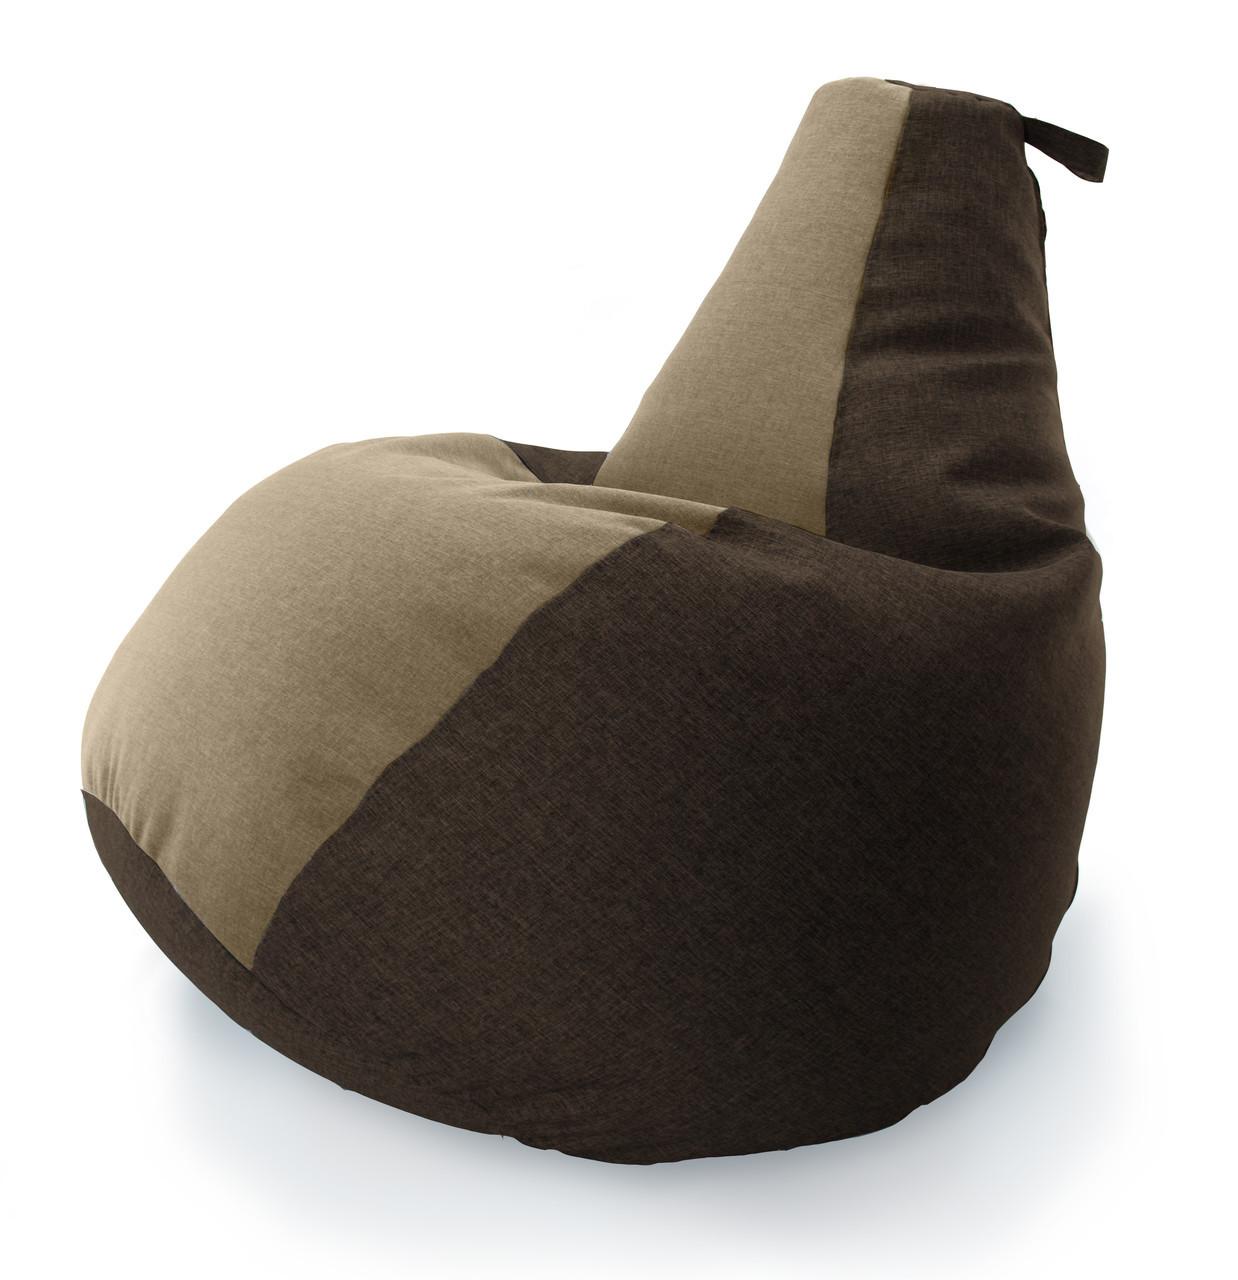 Кресло-мешок груша Комби. Микро-рогожка 85*105 см. С дополнительным чехлом